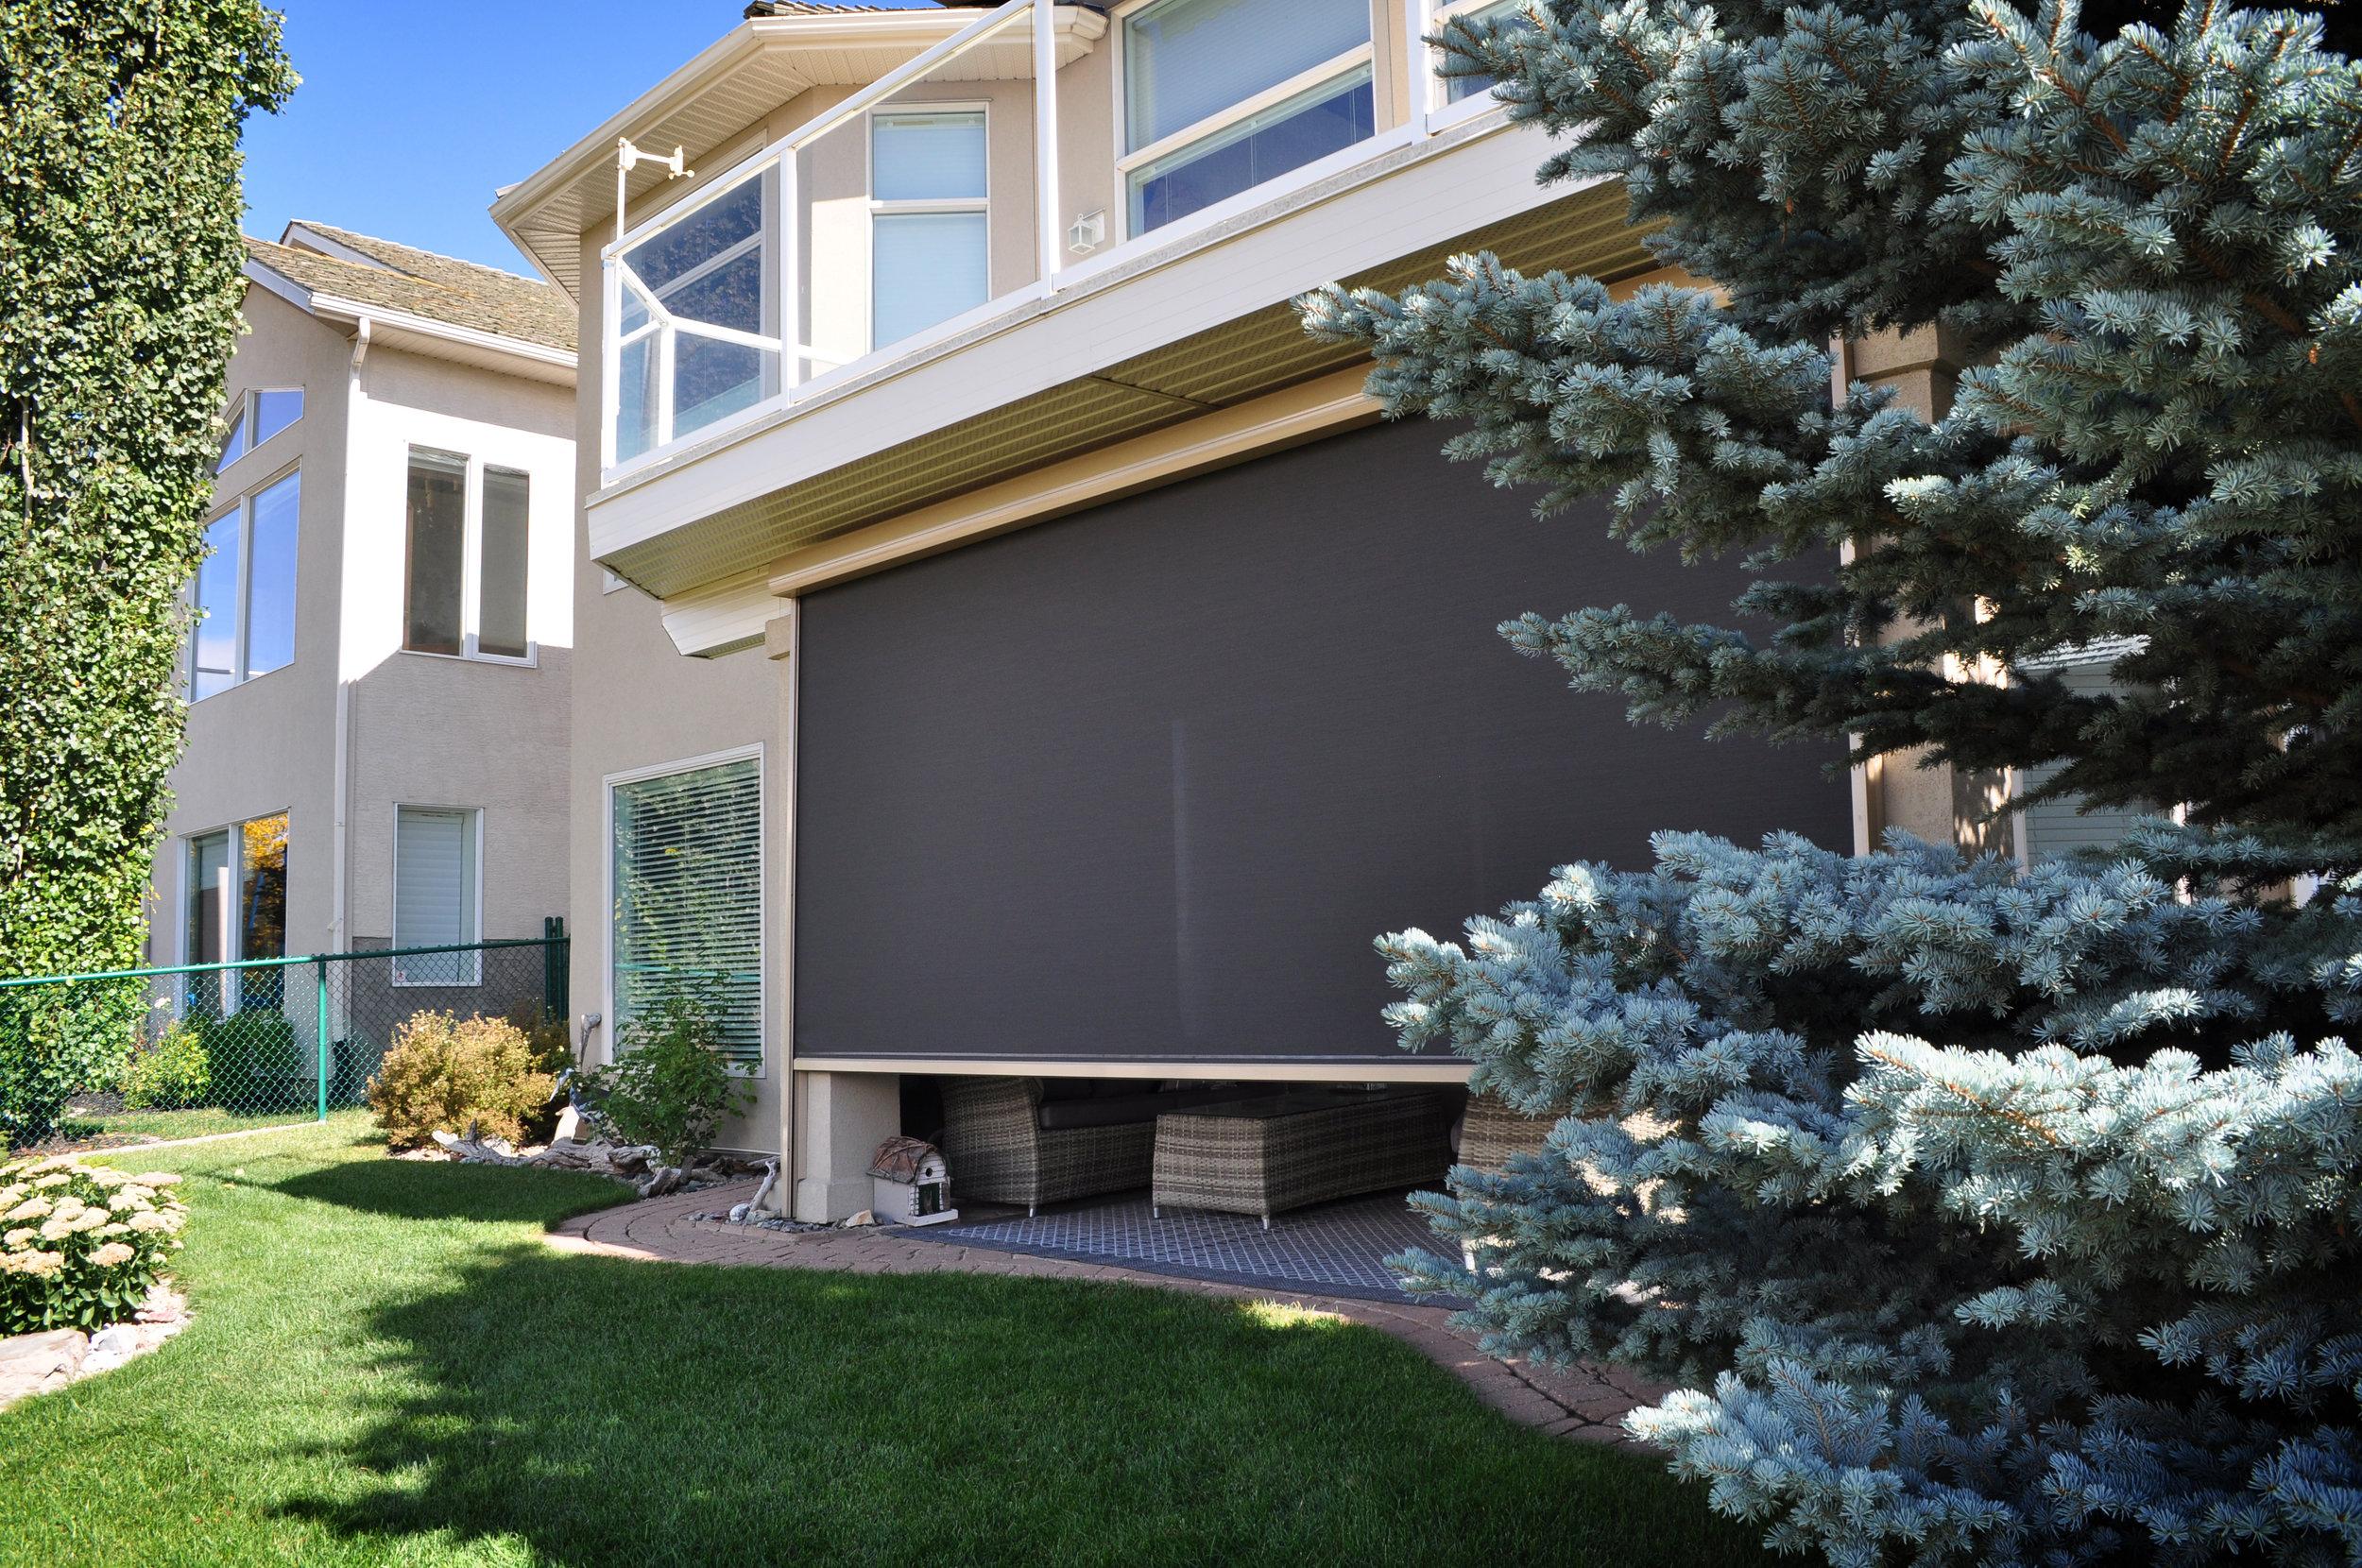 calgary-solar-screens-large.jpg